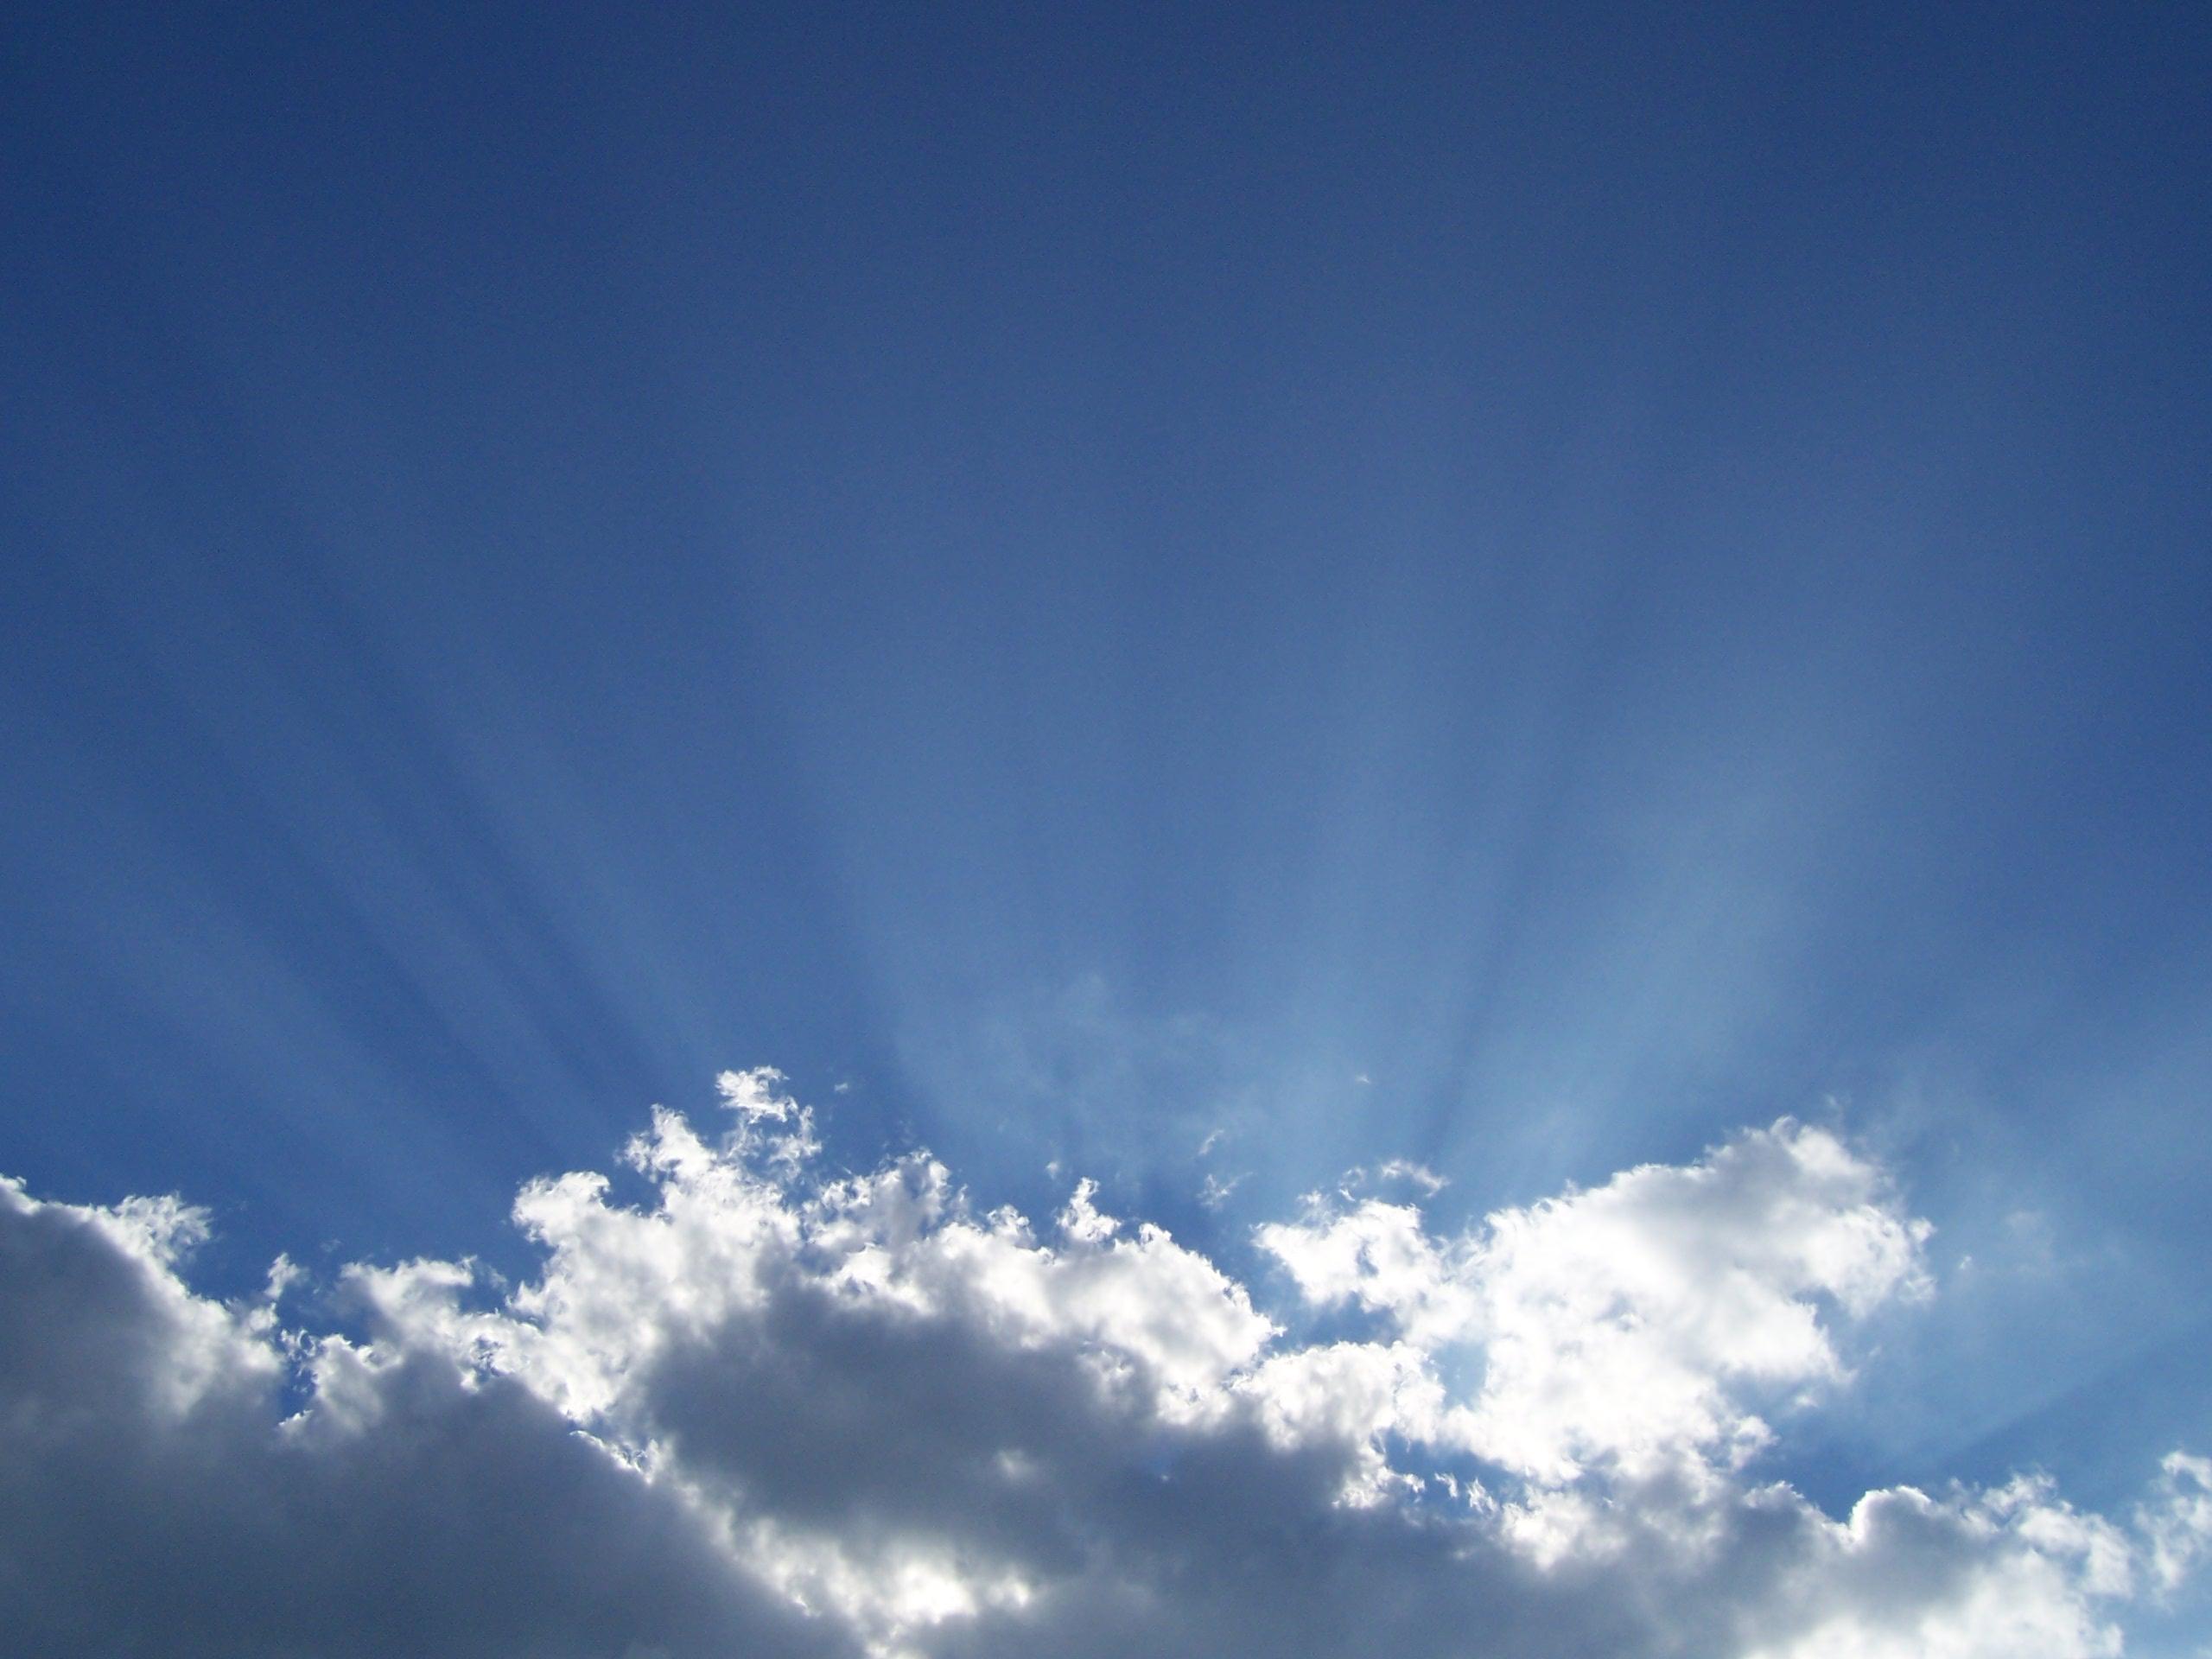 Sunlight through Clouds 2K Wallpaper